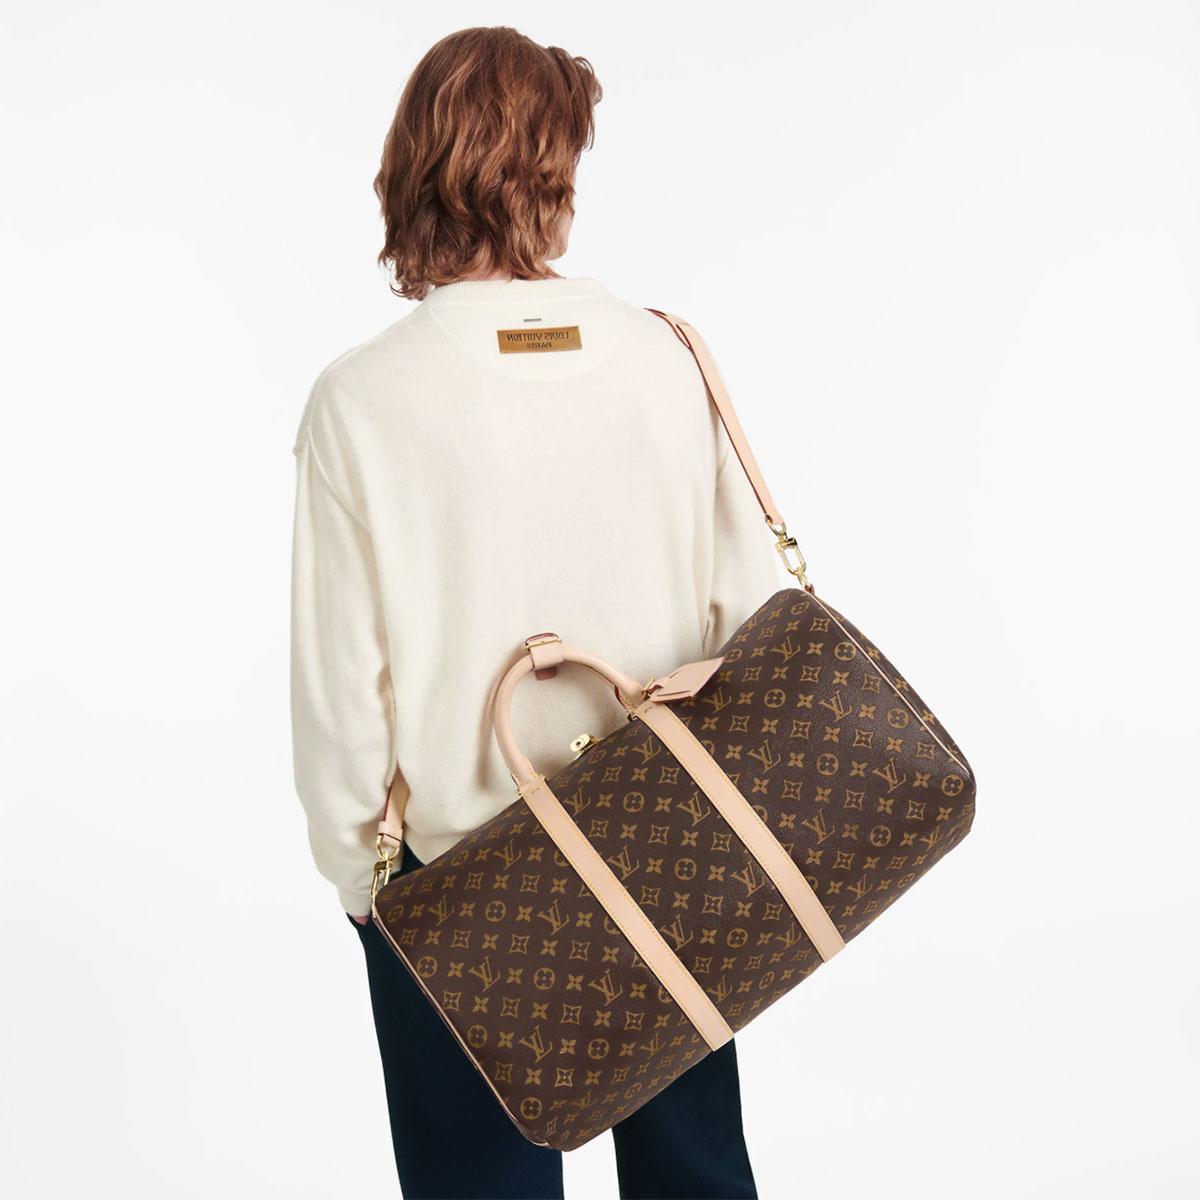 Băn khoăn có nên mua túi Louis Vuitton Keepall? Hãy đọc bài review này 7